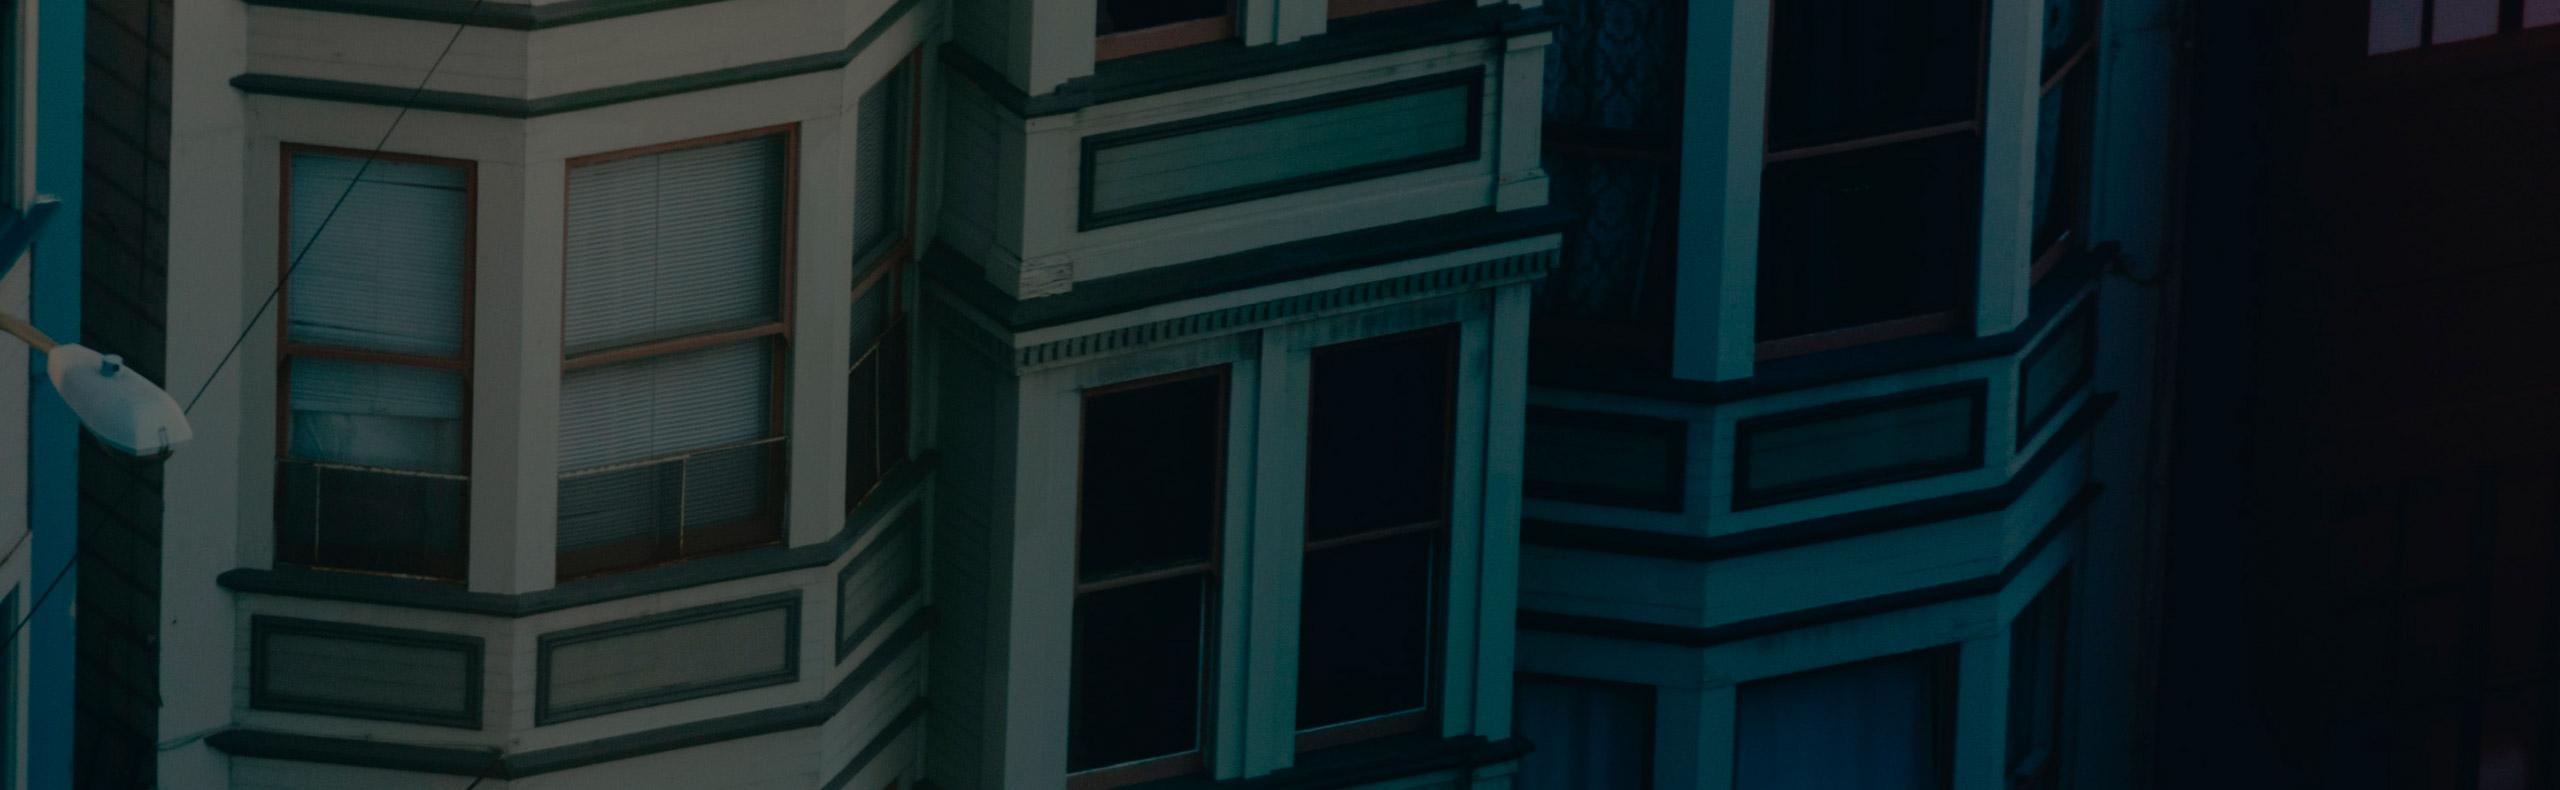 Una habitación con una planta junto a una persiana blanca echada